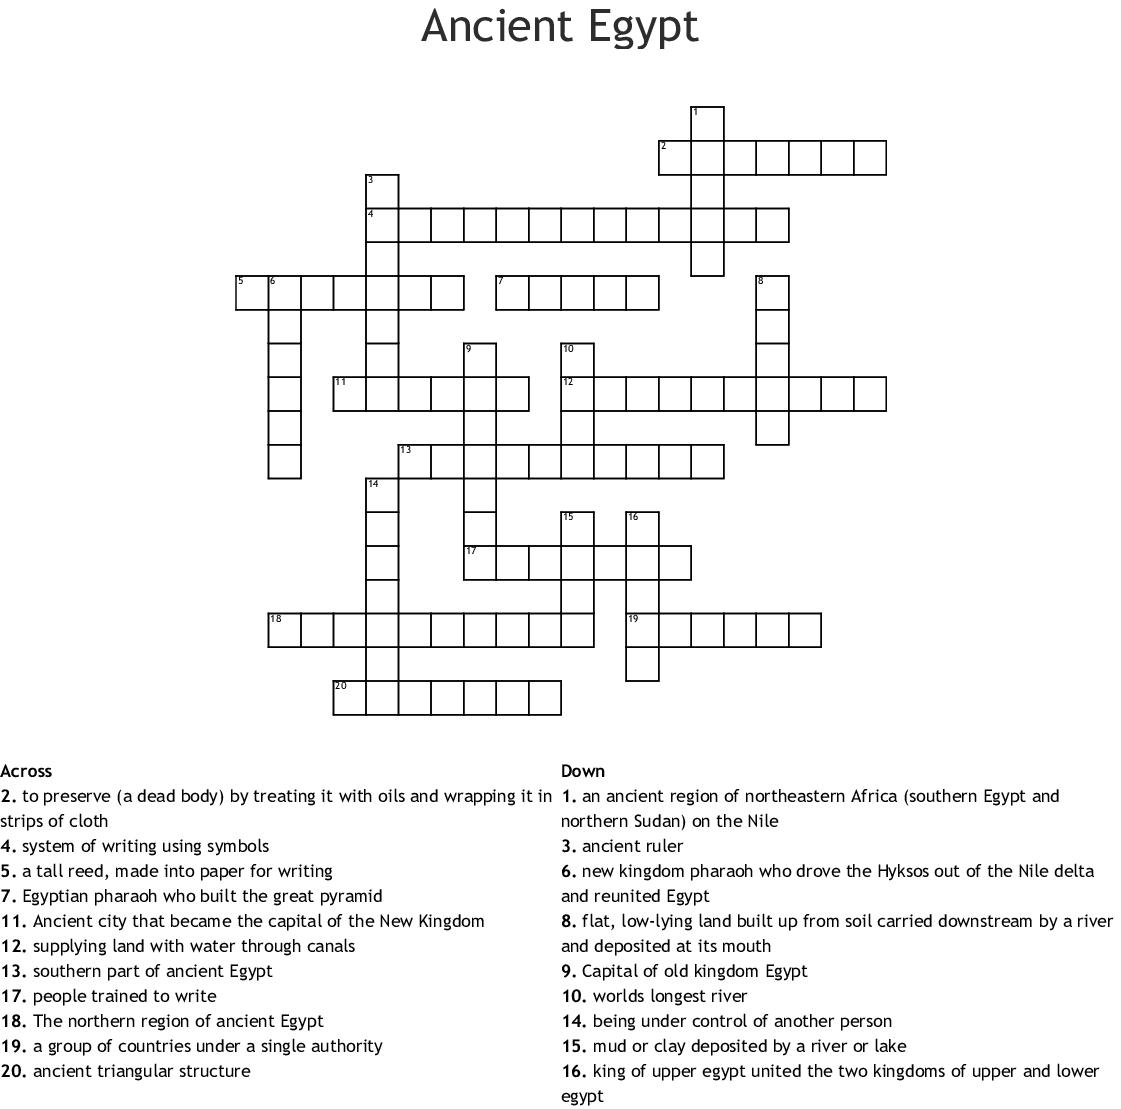 Ancient Egypt Crossword Puzzle - WordMint